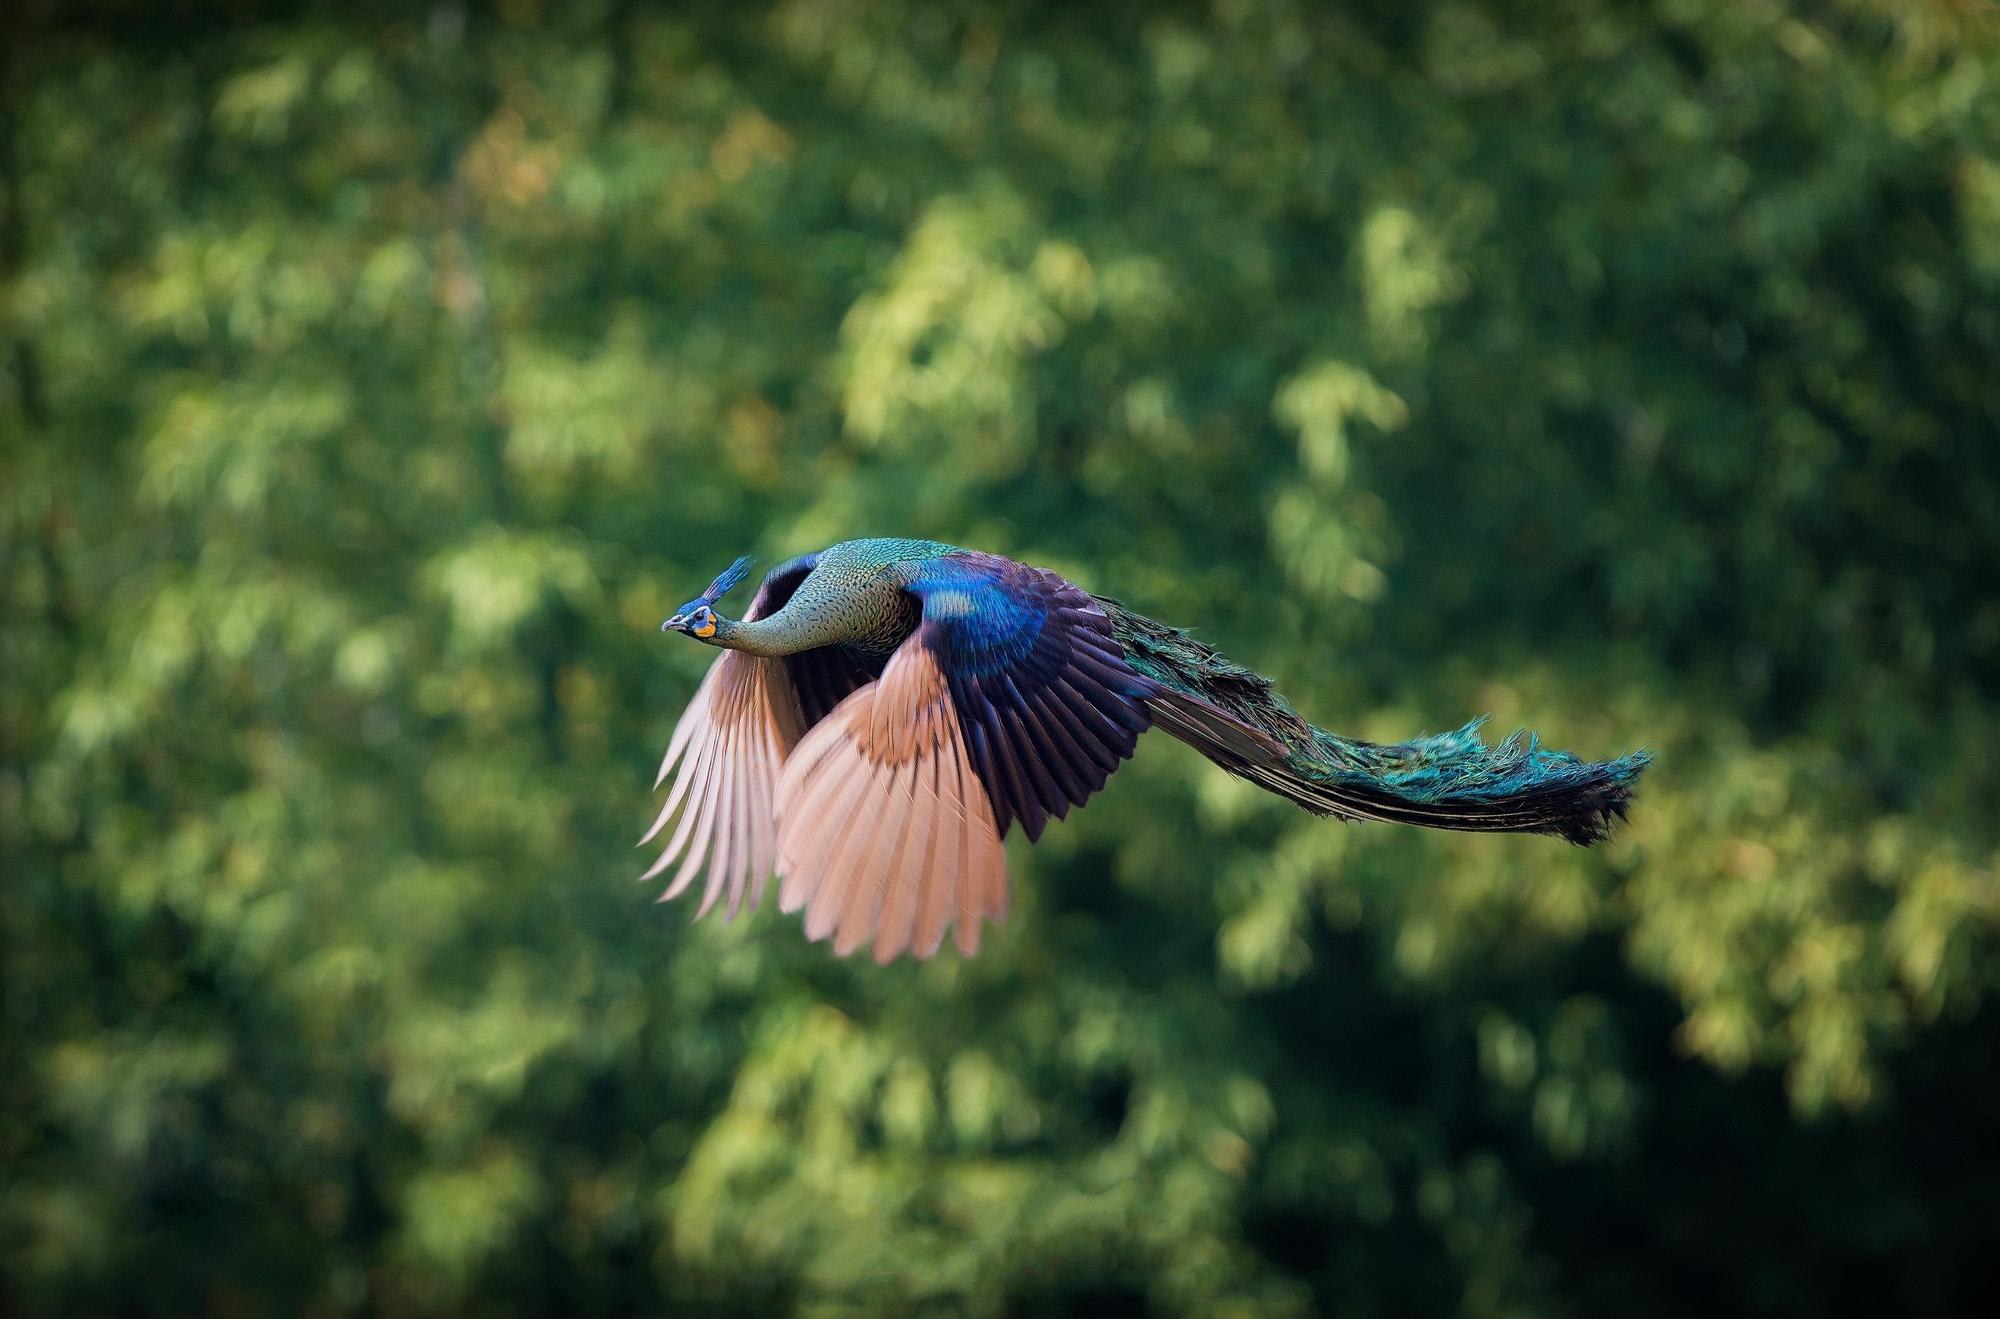 красота полета птицы фото оцените, какая это